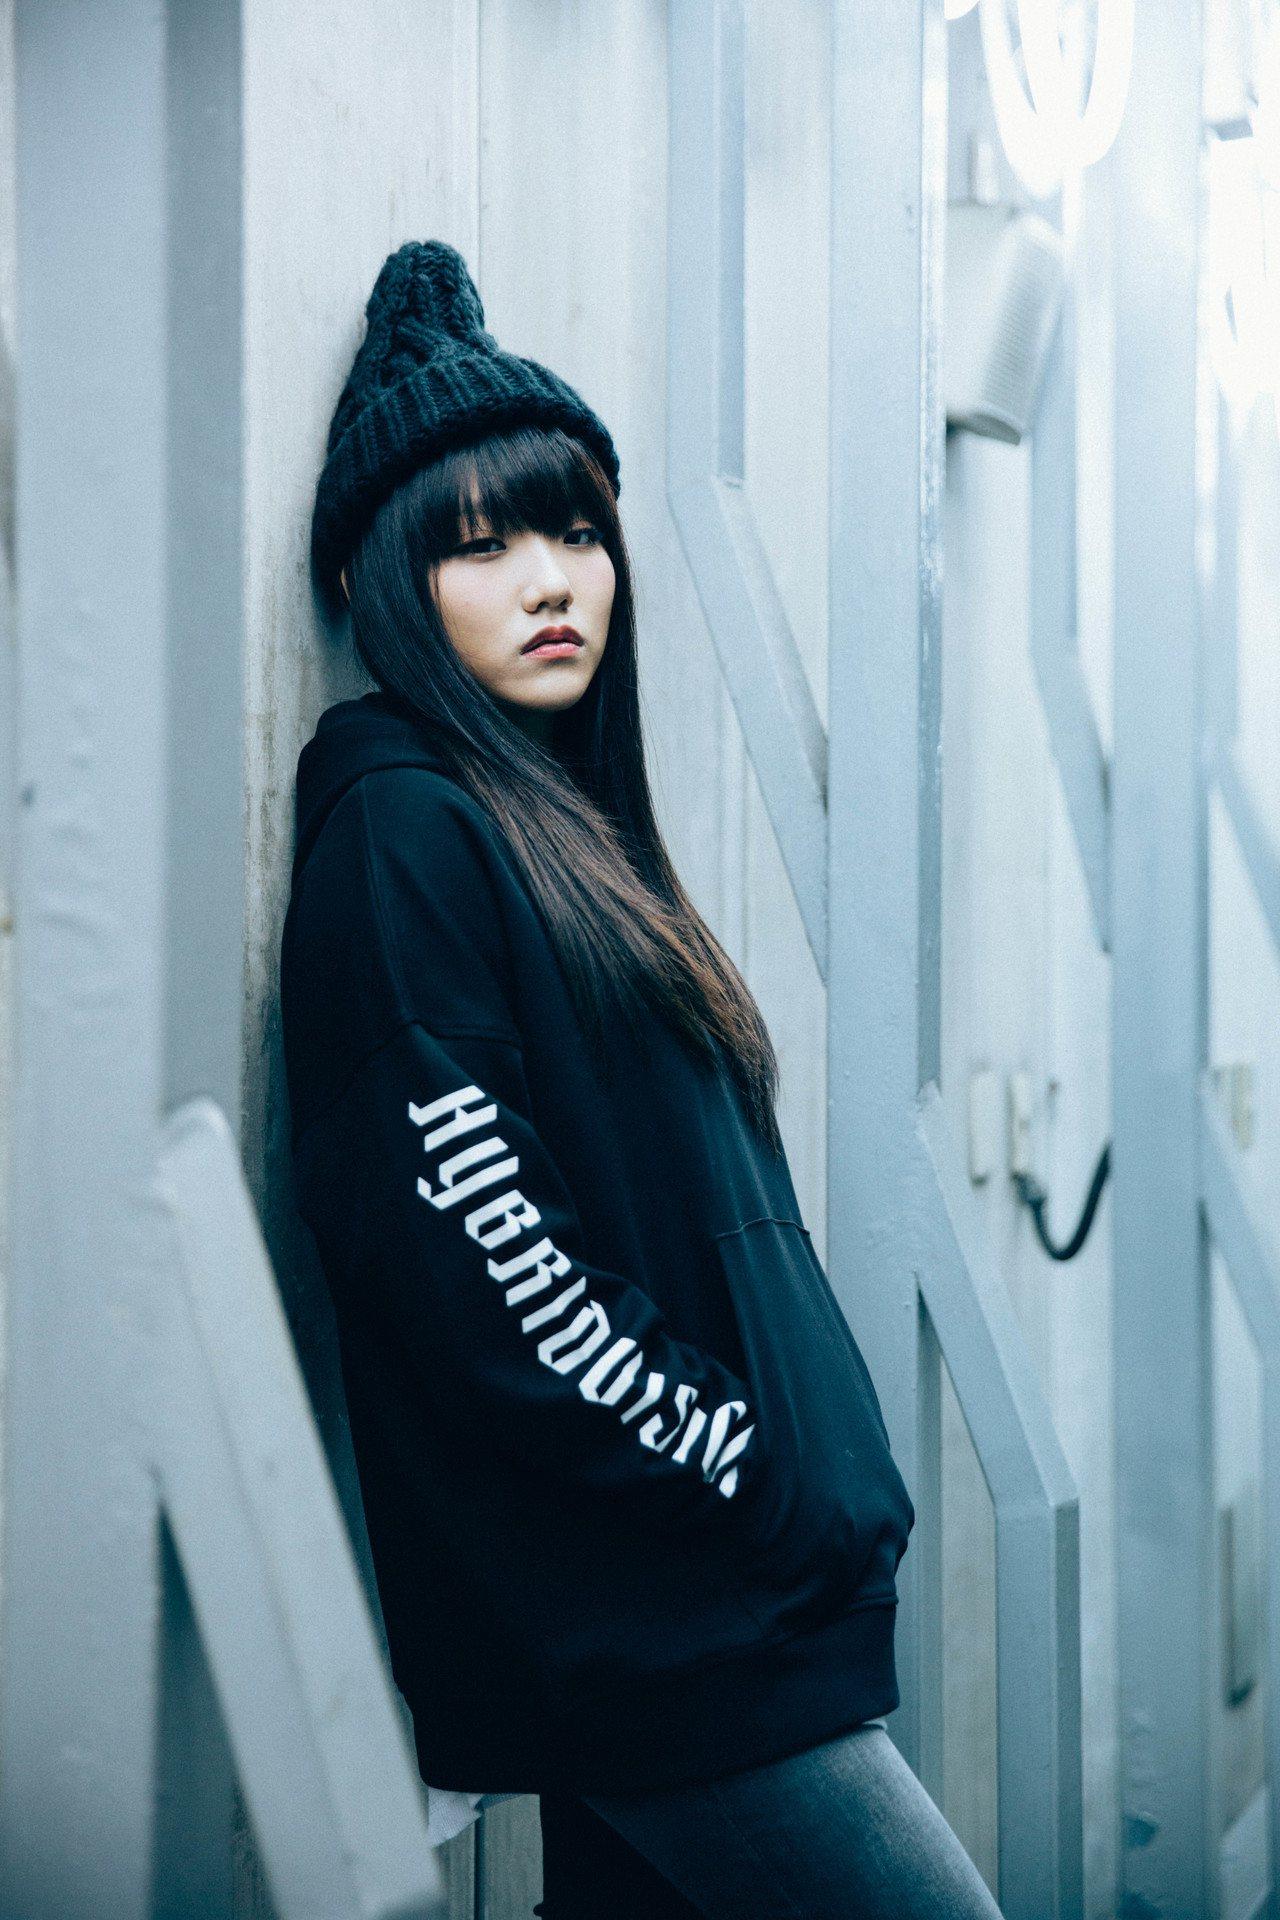 安那ANNA示範GU「HYBRID TOKYO」系列的男裝女穿。圖/GU提供